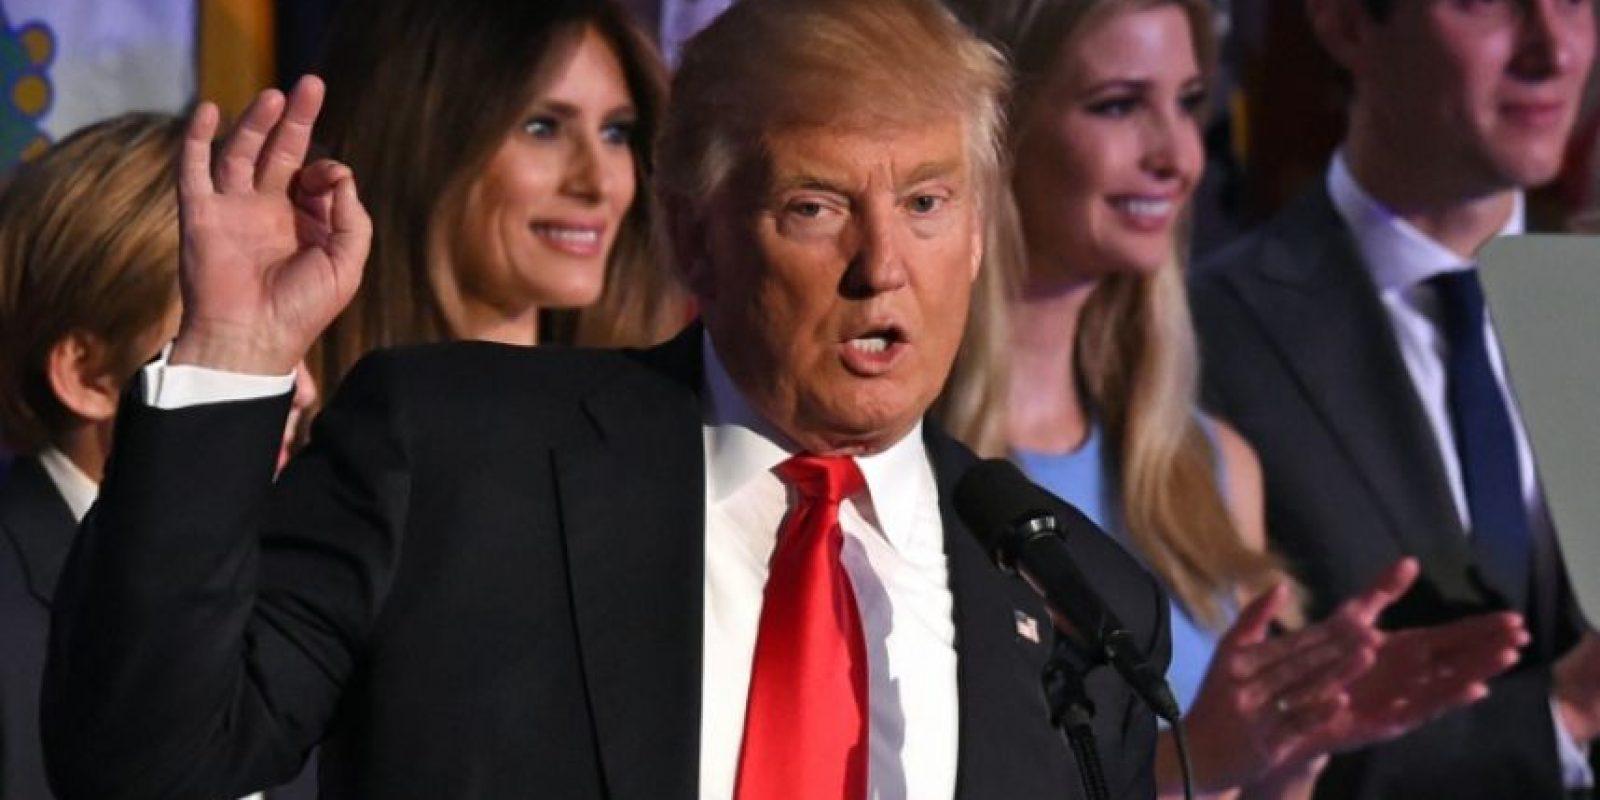 El electo presidente de EEUU Donald Trump durante un discurso el 9 de noviembre de 2016 en Nueva York Foto:Timothy A. Clary /afp.com